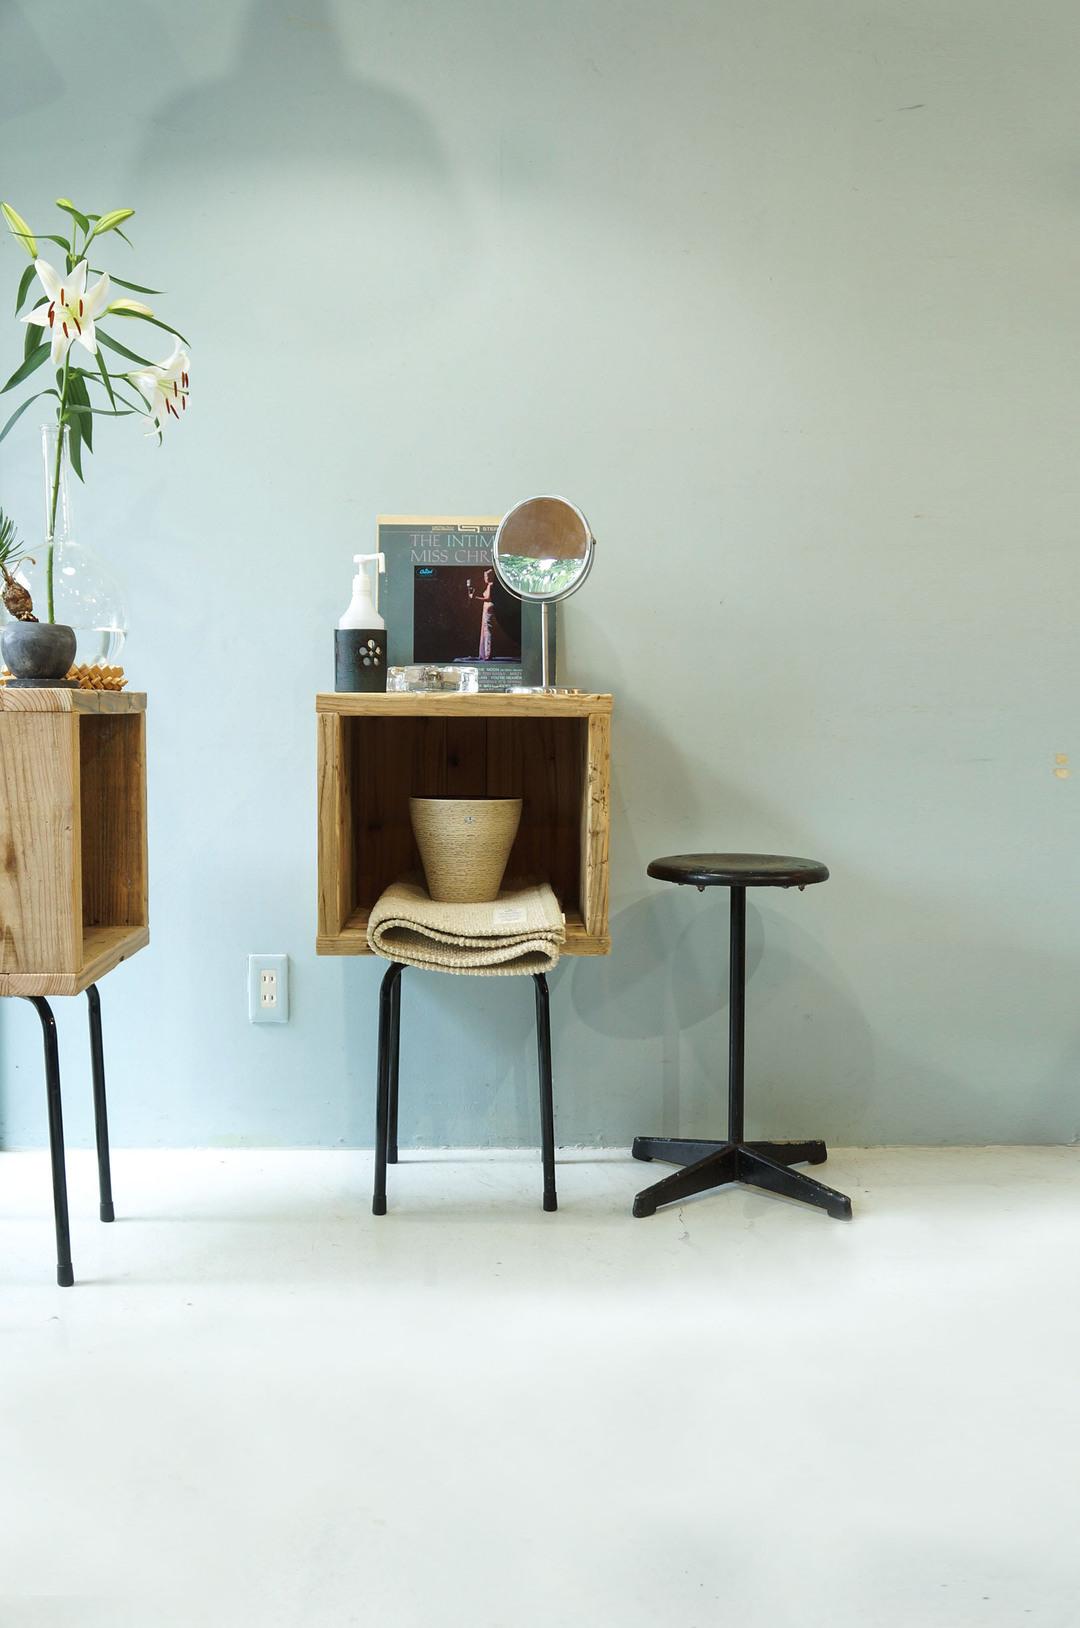 Pine Wood Box With Iron Leg/ウッドボックス パイン材 アイアン ディスプレイ ラック インダストリアル